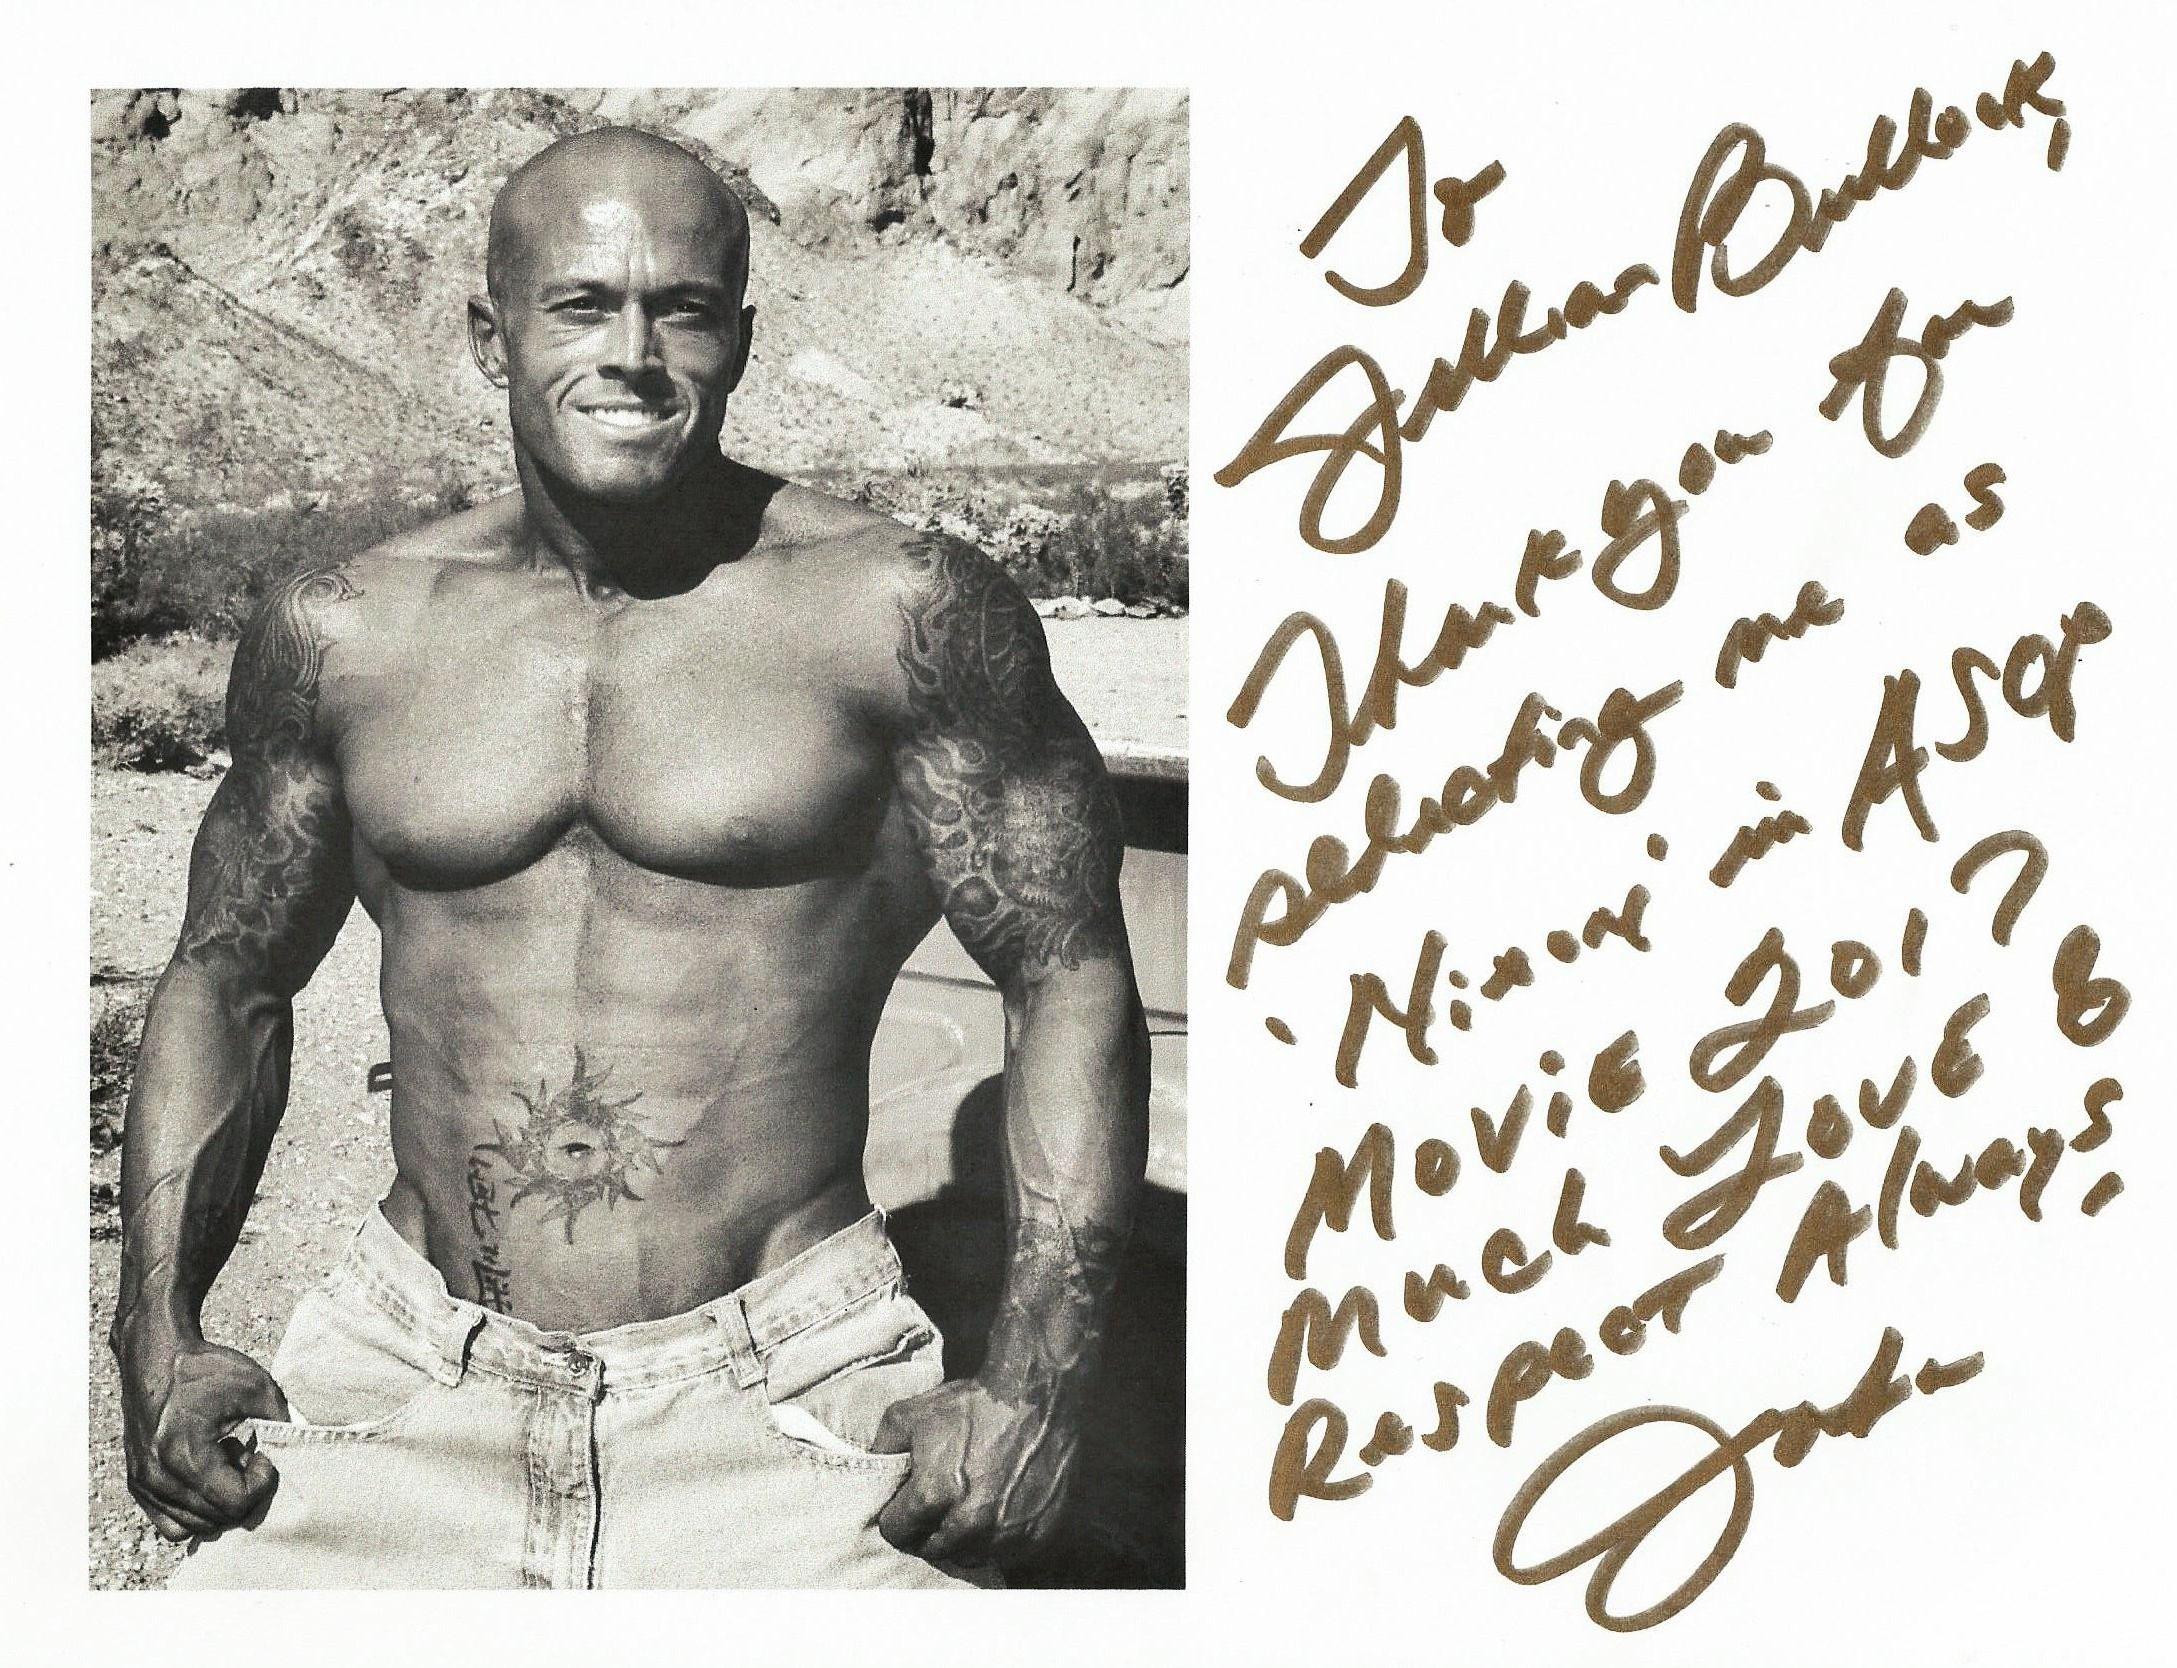 Model & Actor John Joseph Quinlan aka Nixon Jillian Bullock Autograph #JohnQuinlan